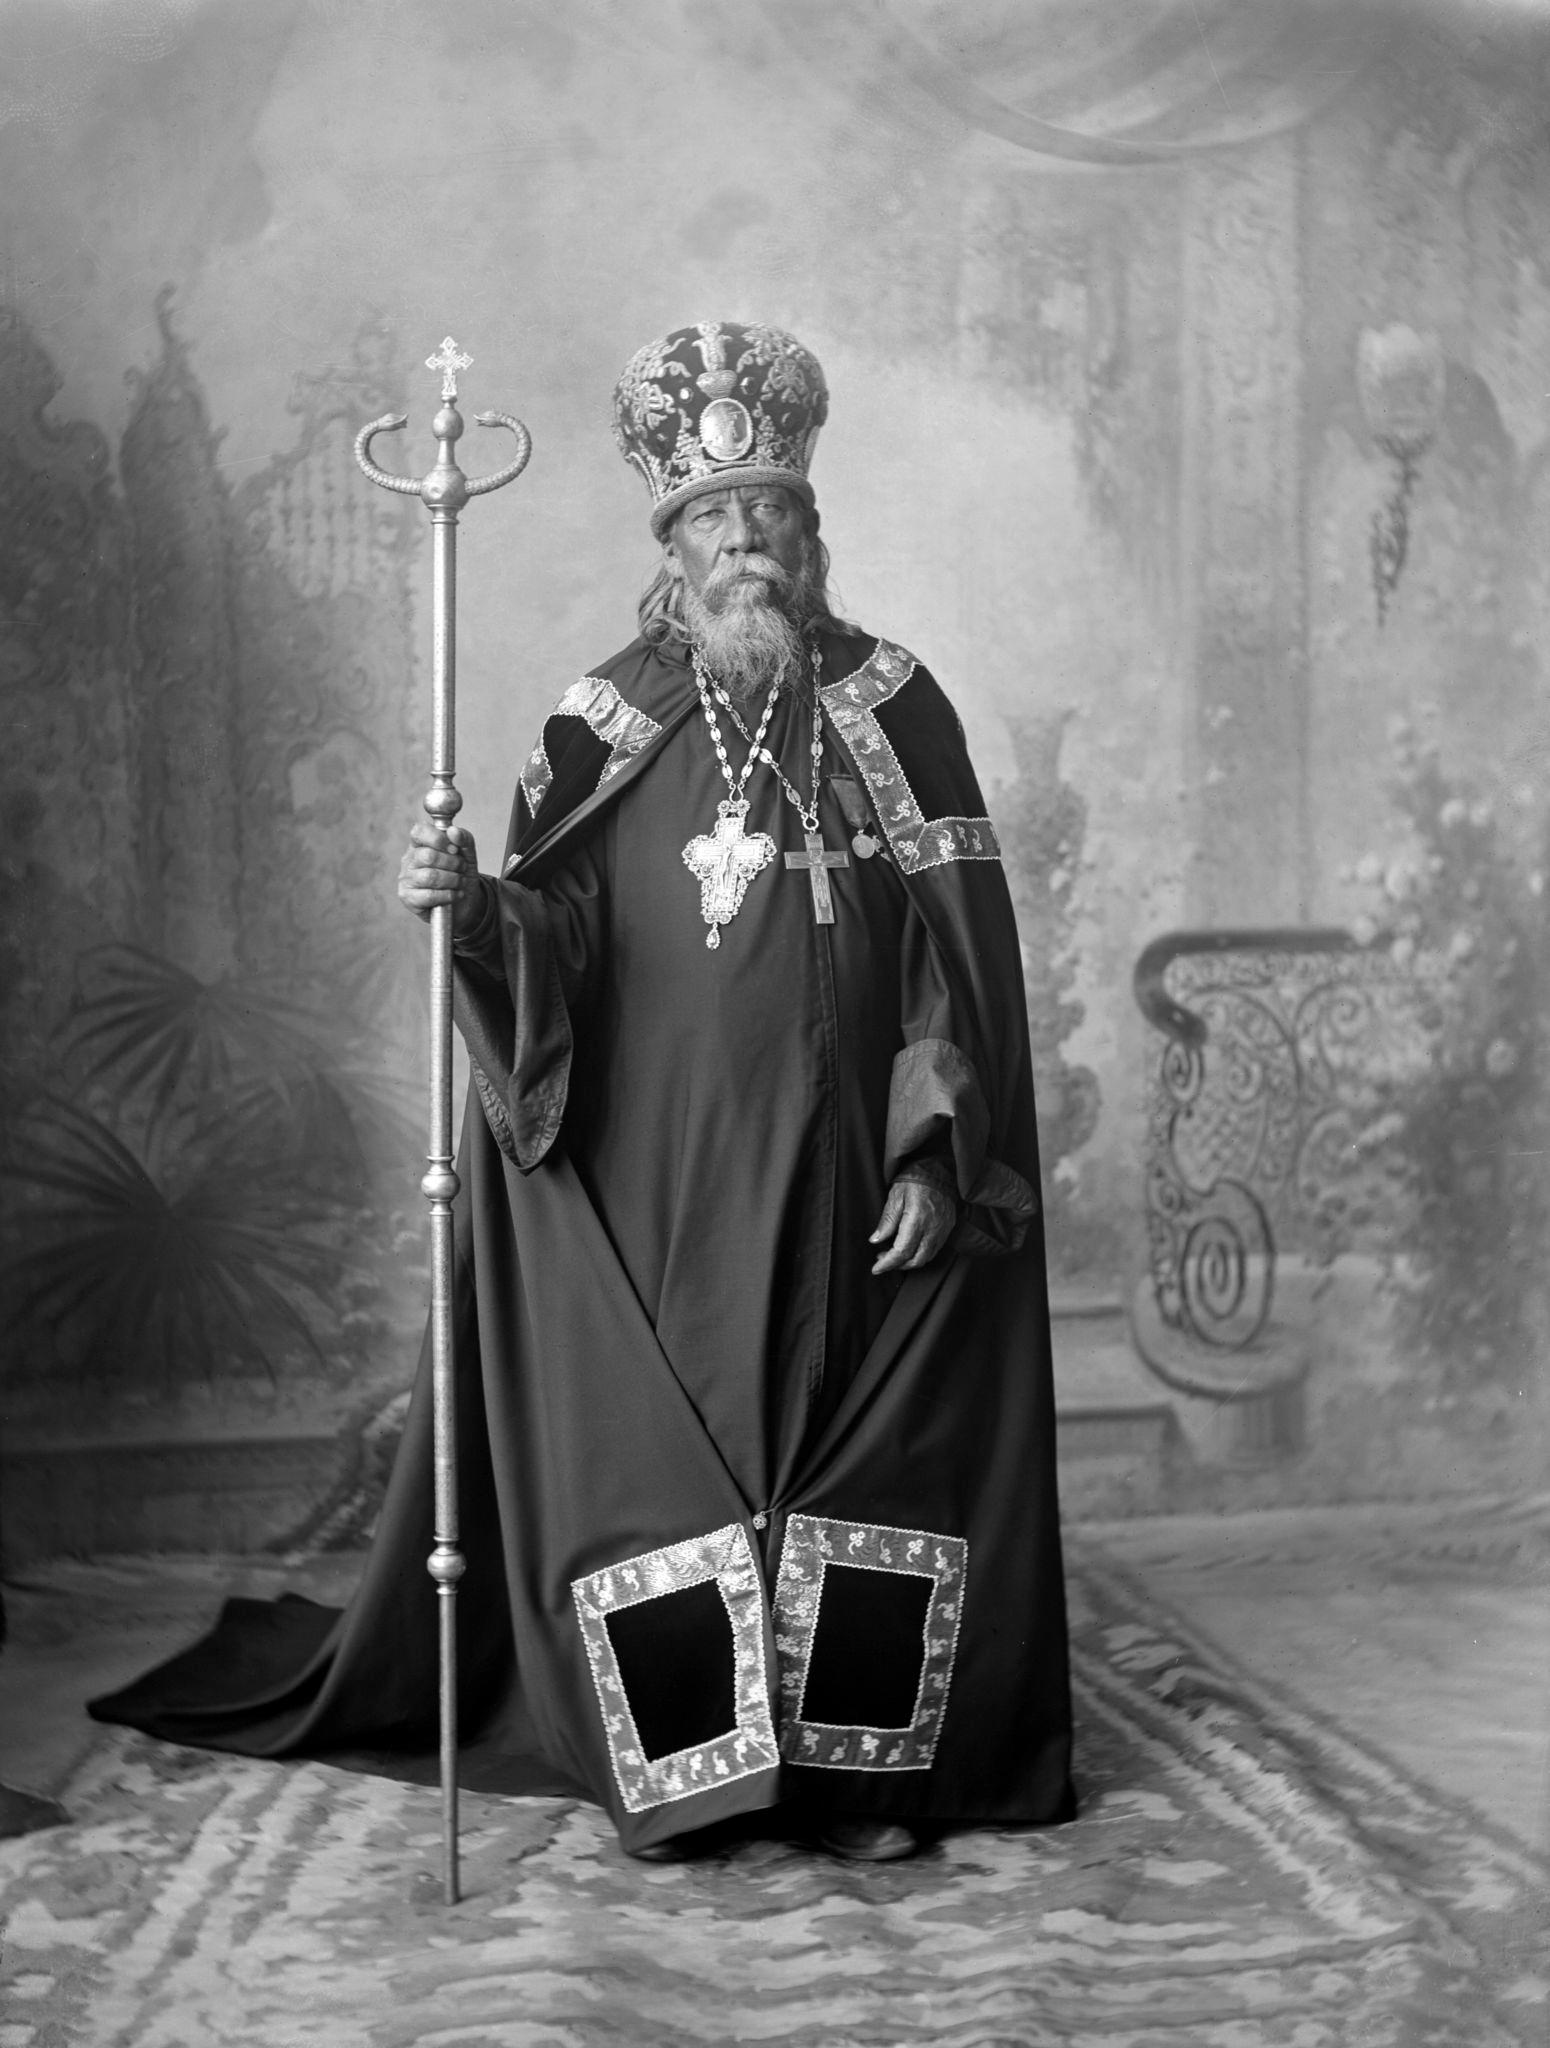 Портрет Филарета - настоятеля Благовещенского монастыря